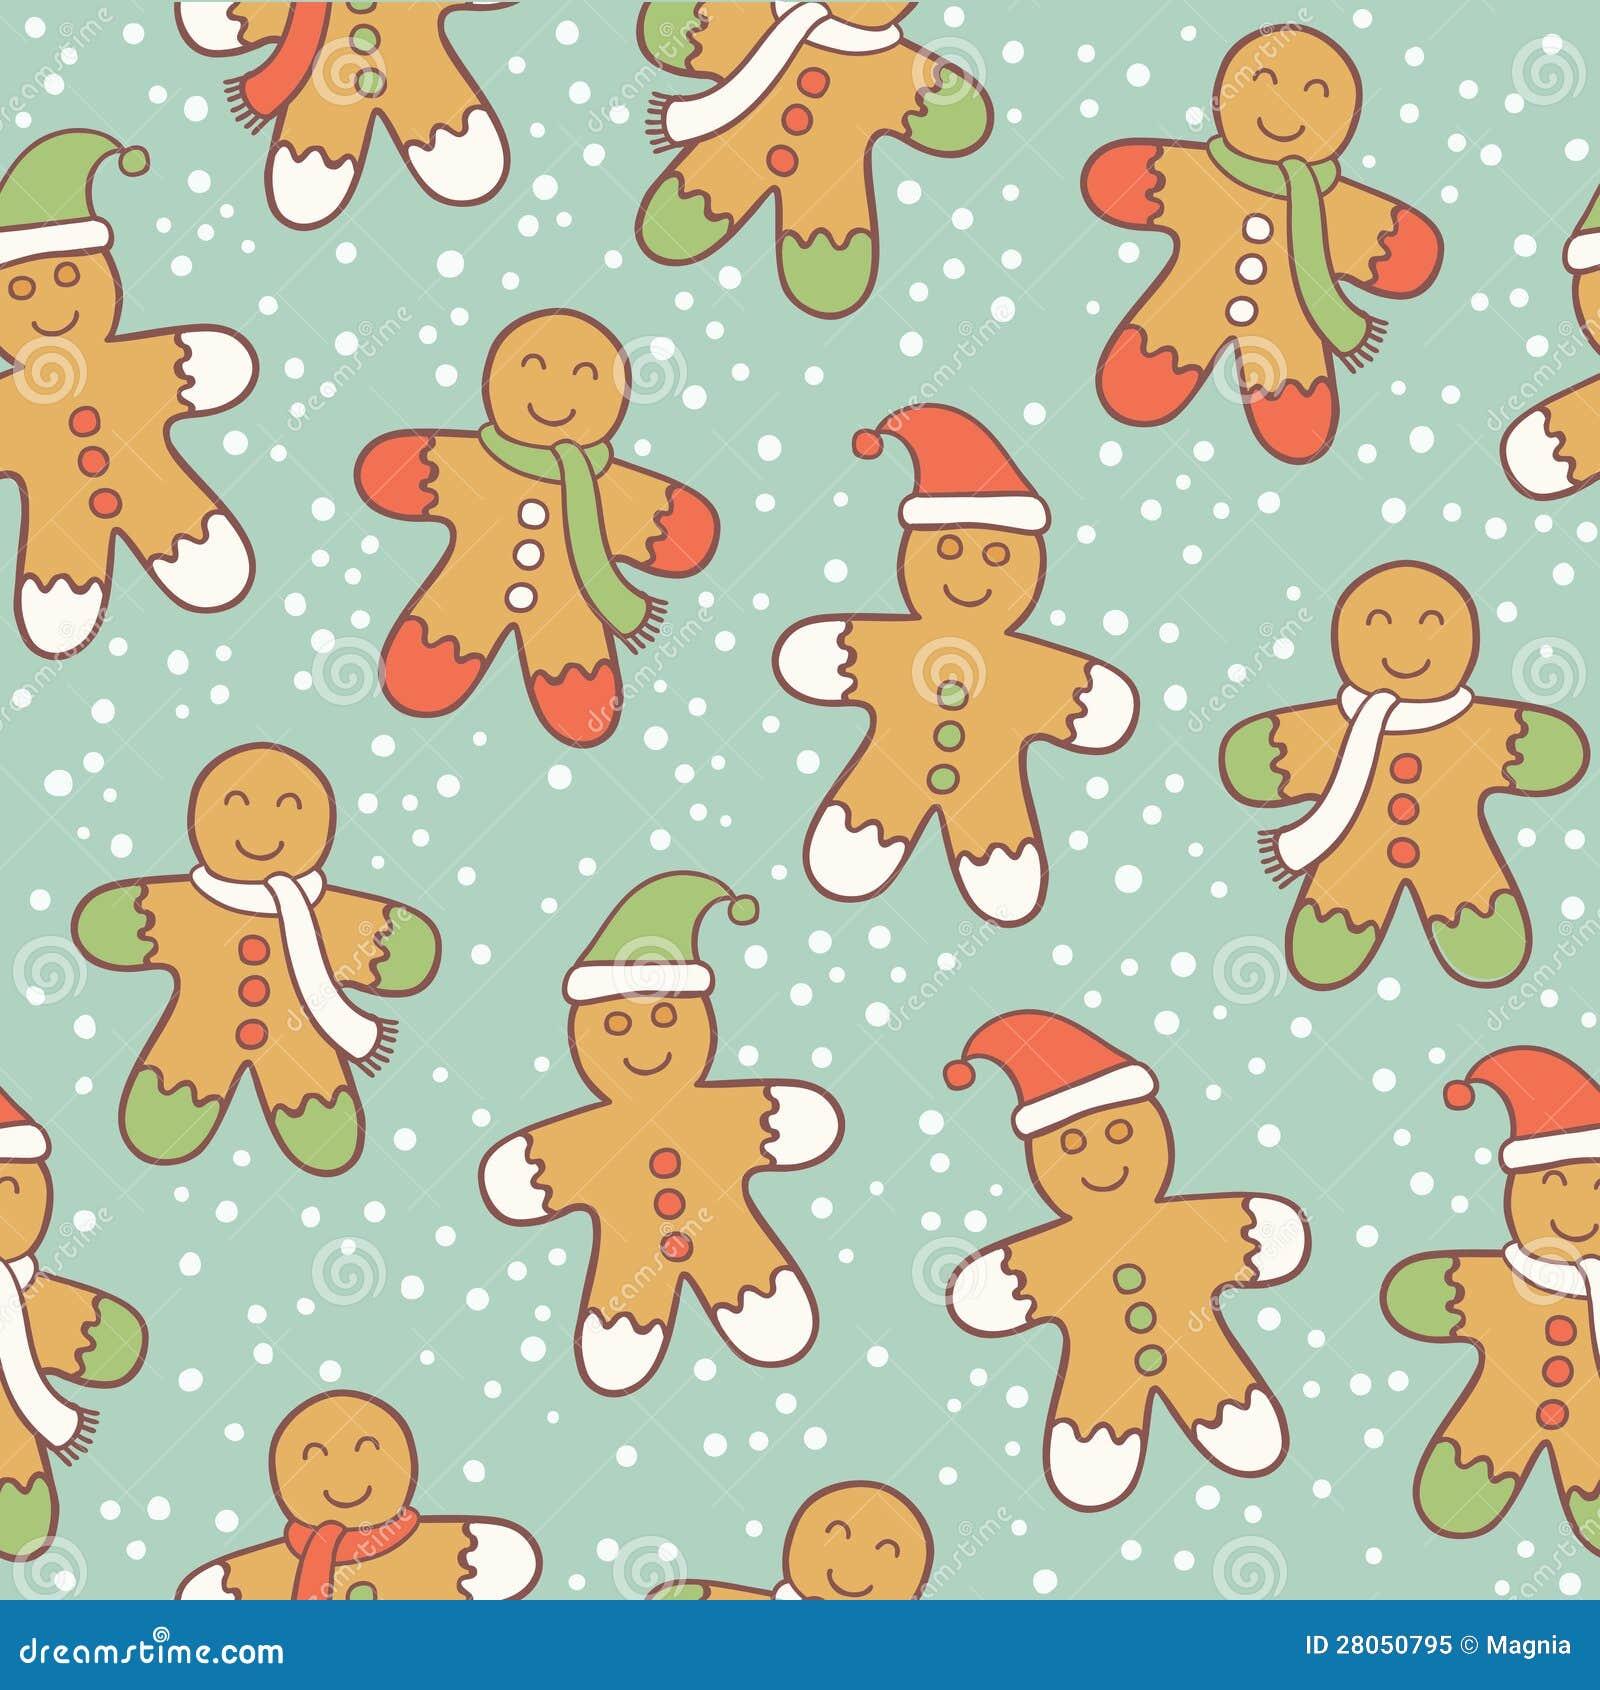 Gingerbread men pattern